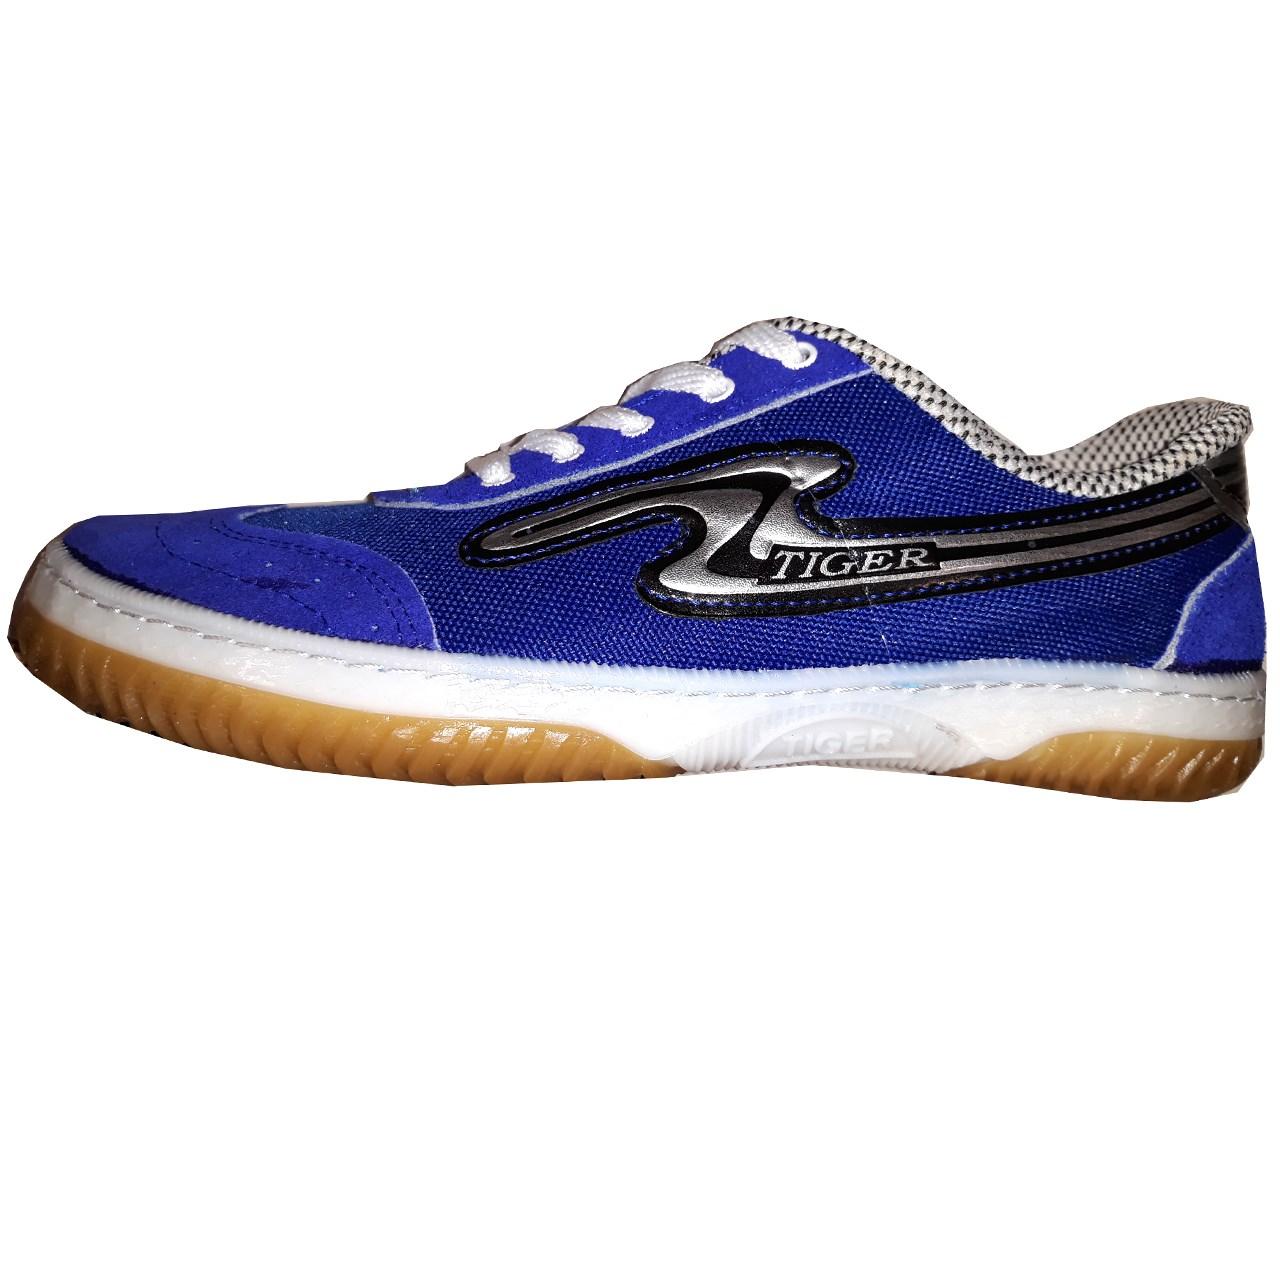 کفش سالنی مردانه تایگر مدل اسپرت